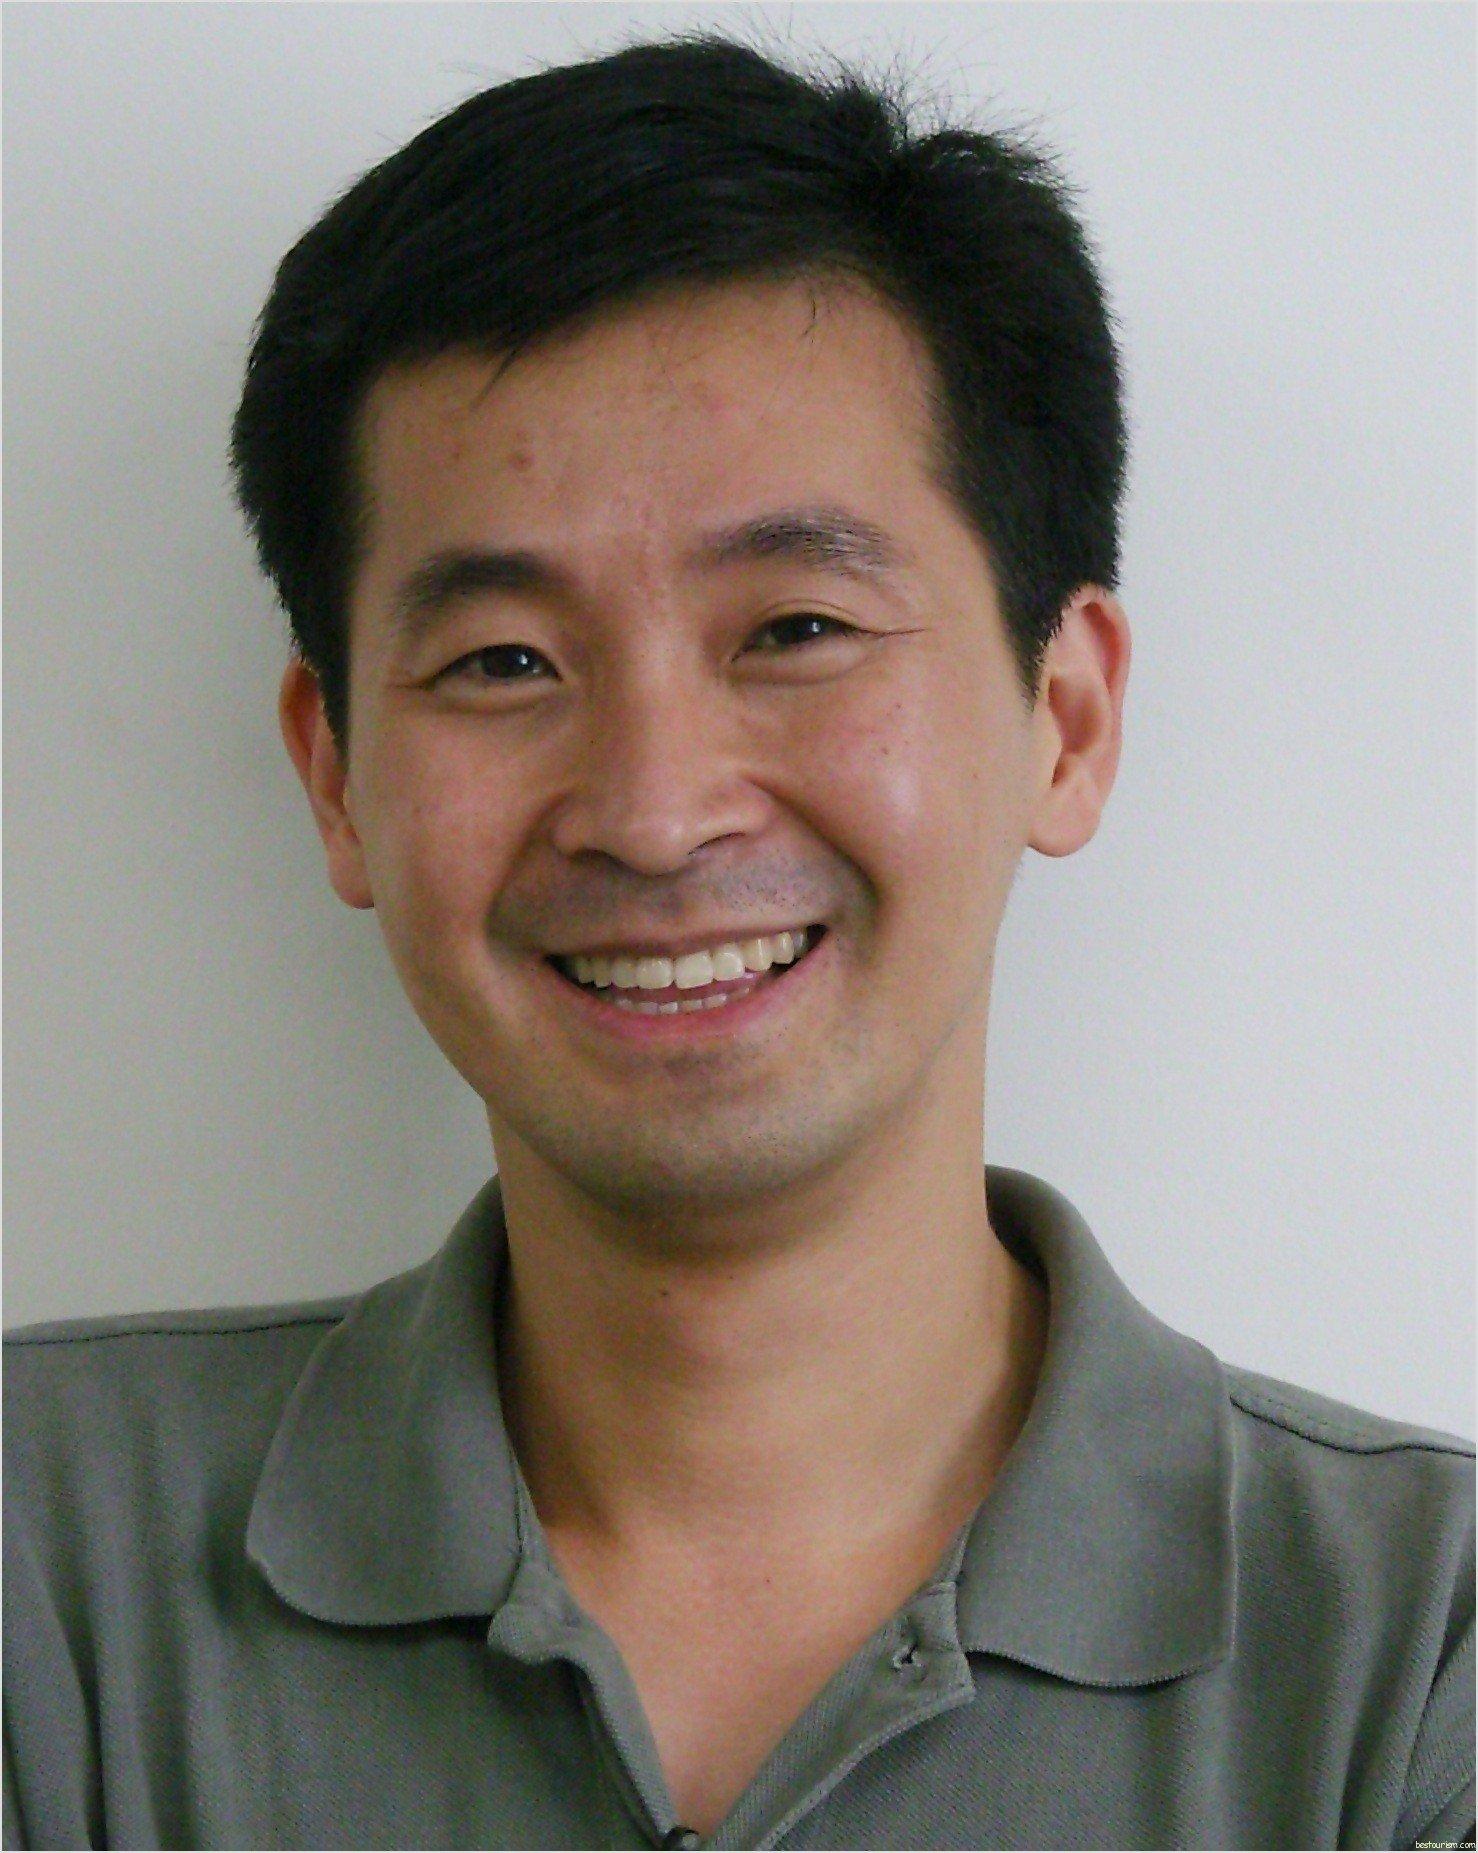 3. Kim Ung Yong